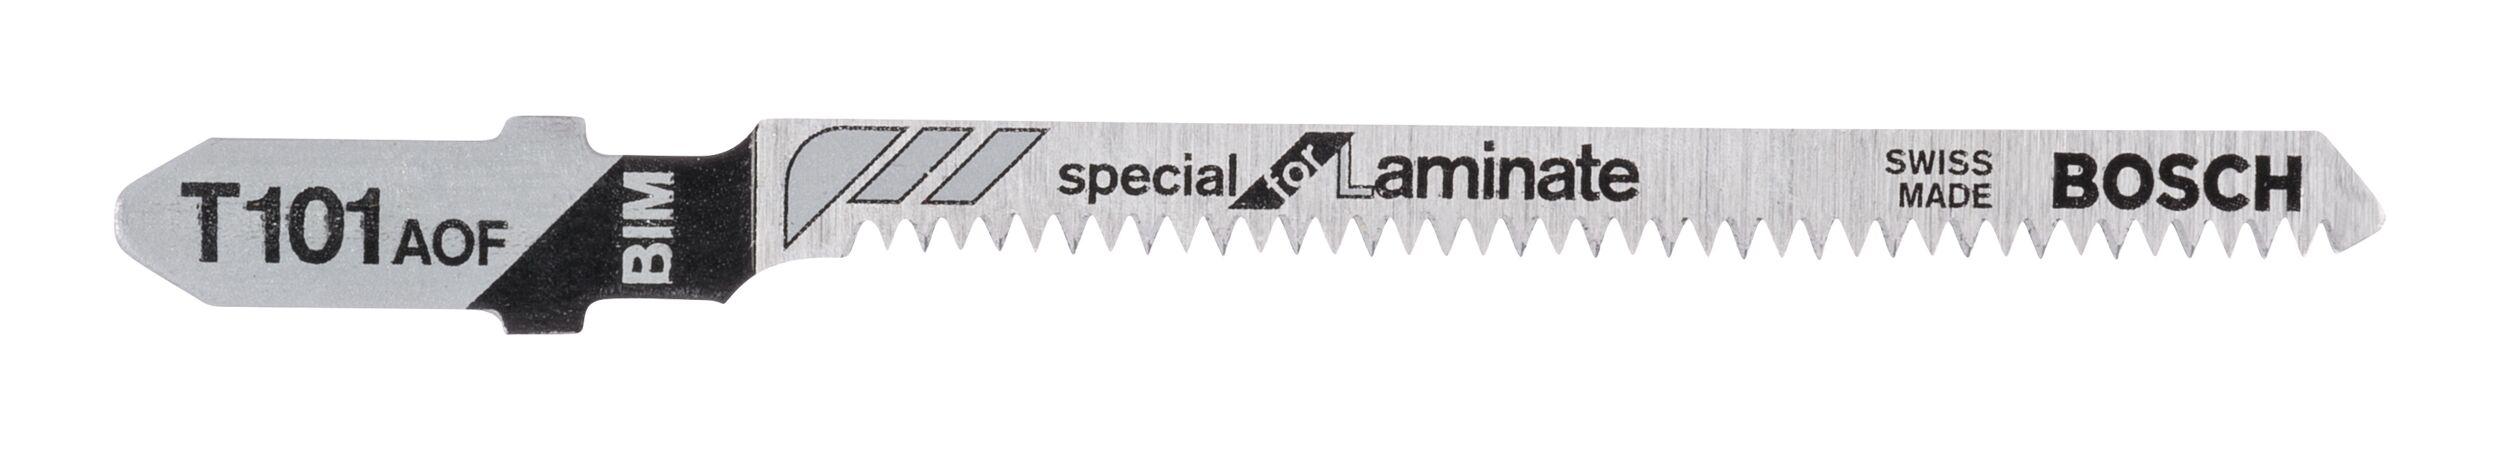 Bosch Zubehör T 101 BIF Special for Laminate Stichsägeblatt - 3er-Pack 2608636432